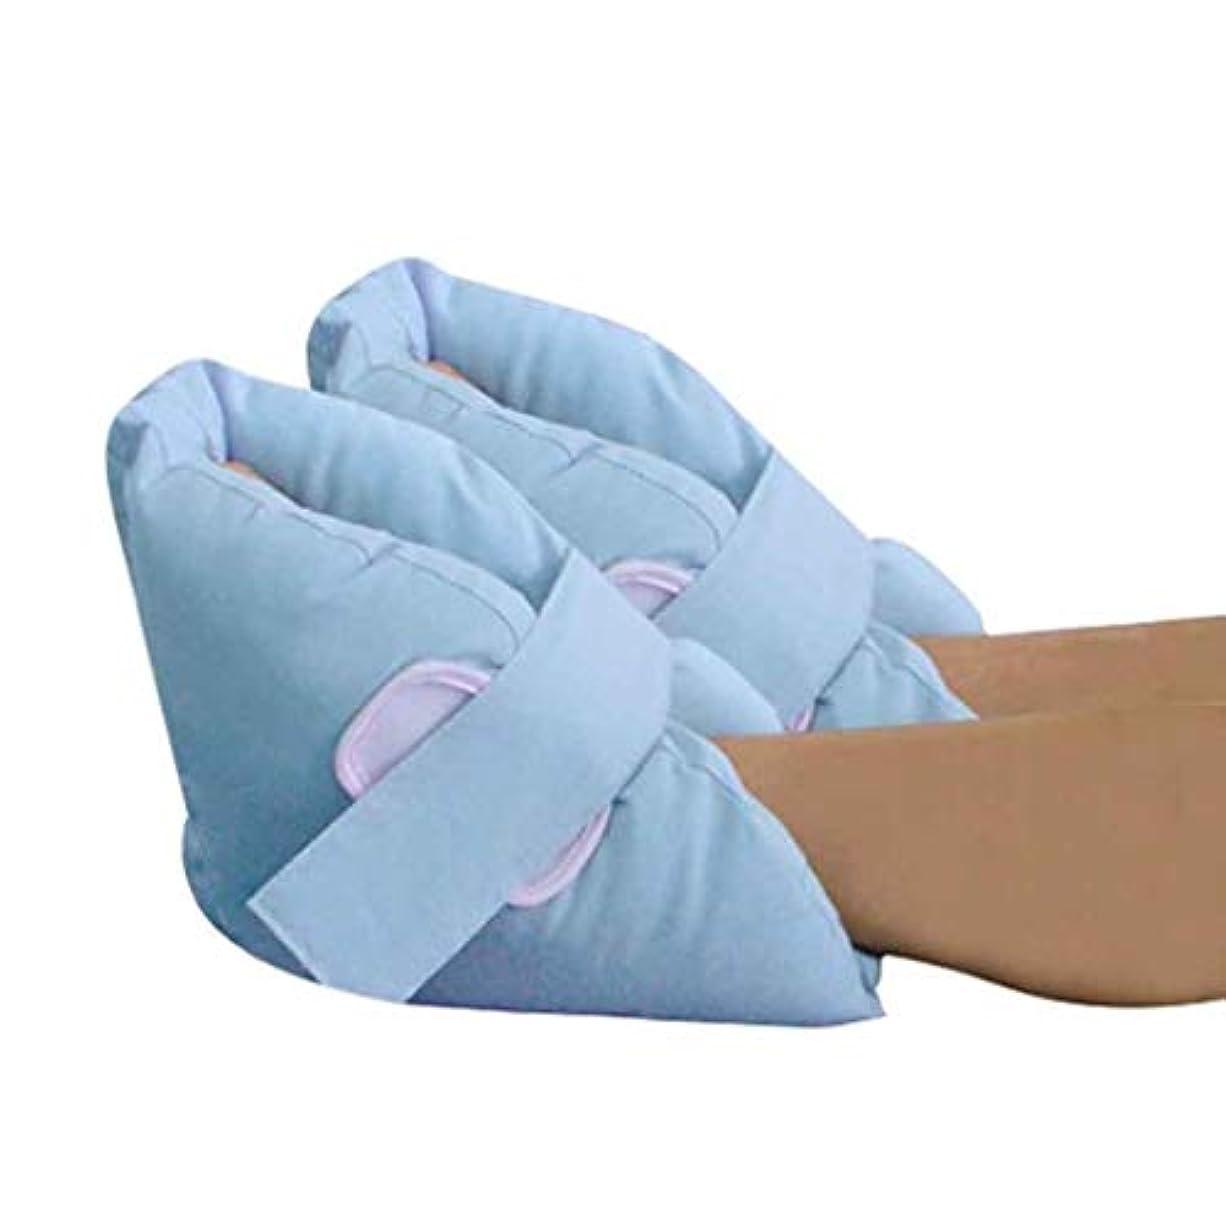 許容できるマーティンルーサーキングジュニア無駄なヒールクッションプロテクター、足、足首の枕パッド-ヒール保護ブーツ-足、肘、かかとベッドを保護します。